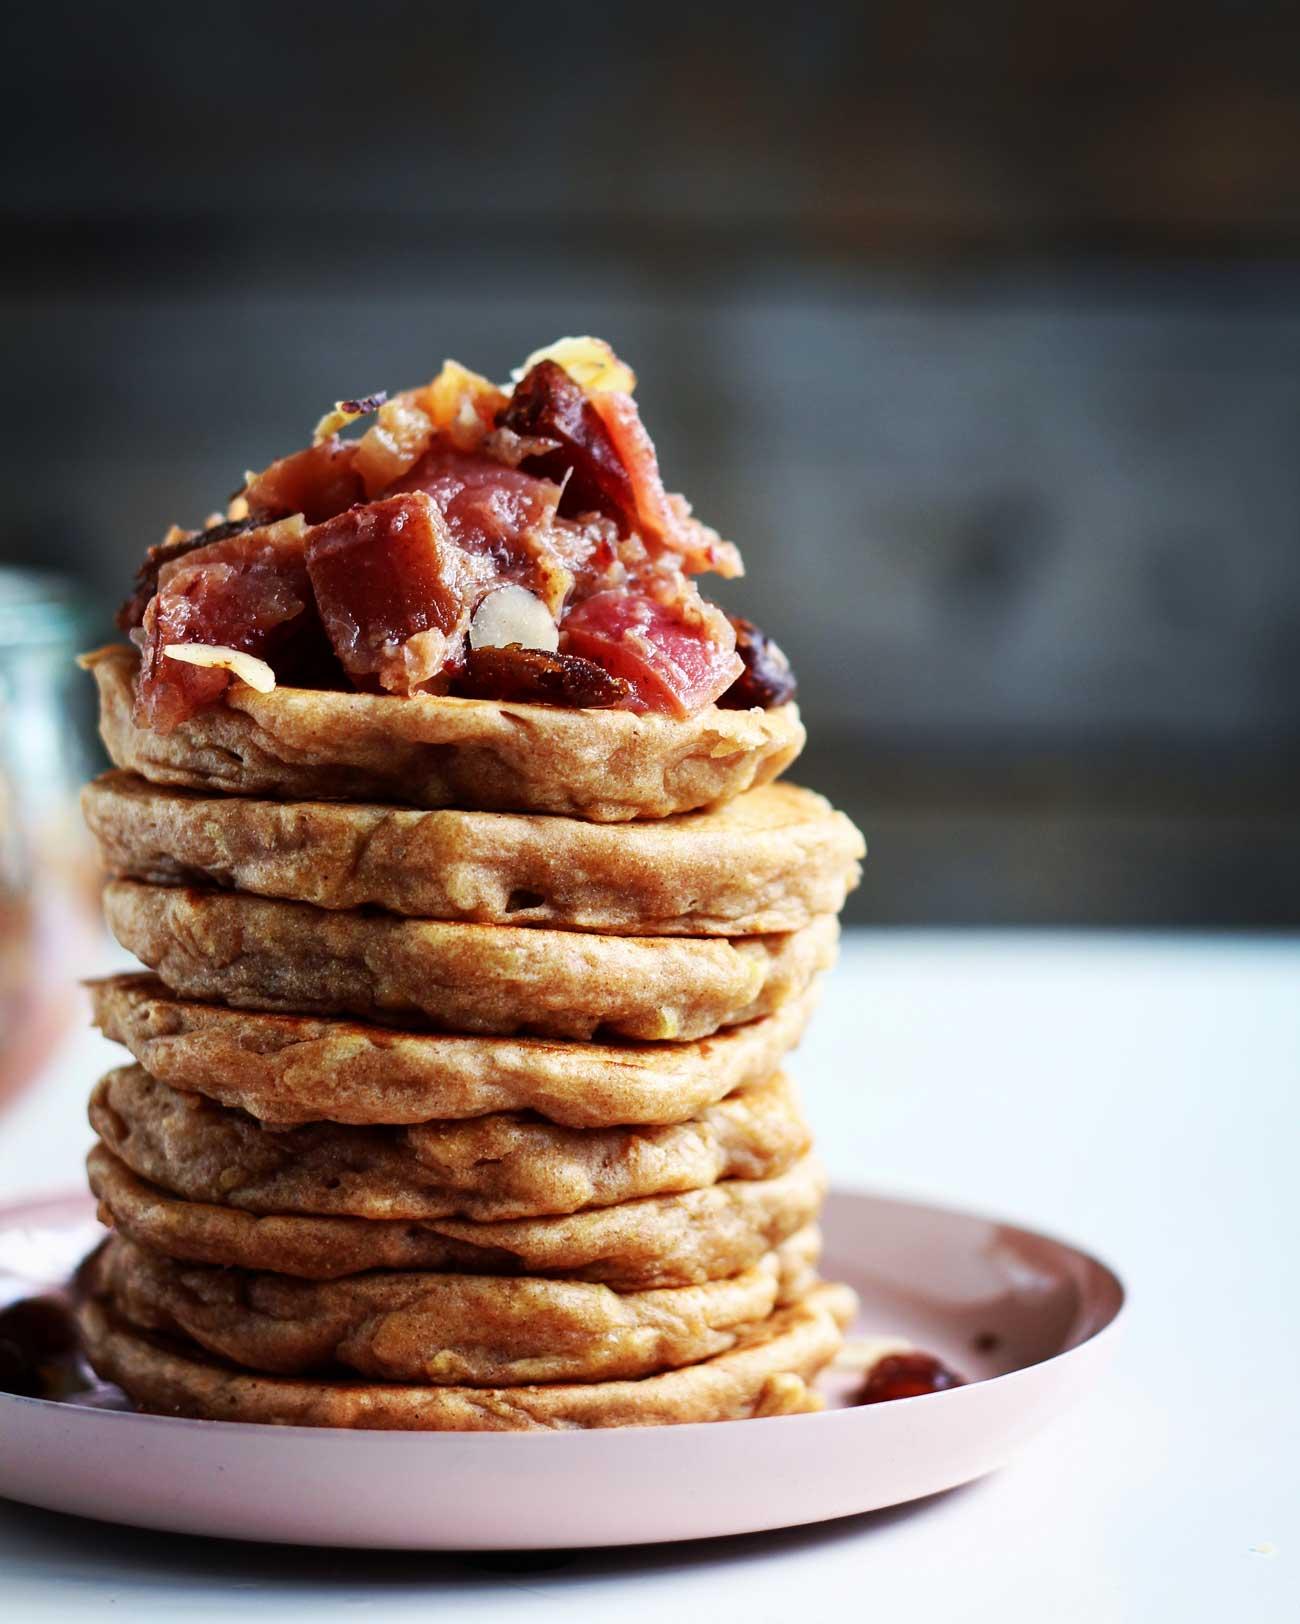 pandekager med æble vegansk opskrift på pandekager